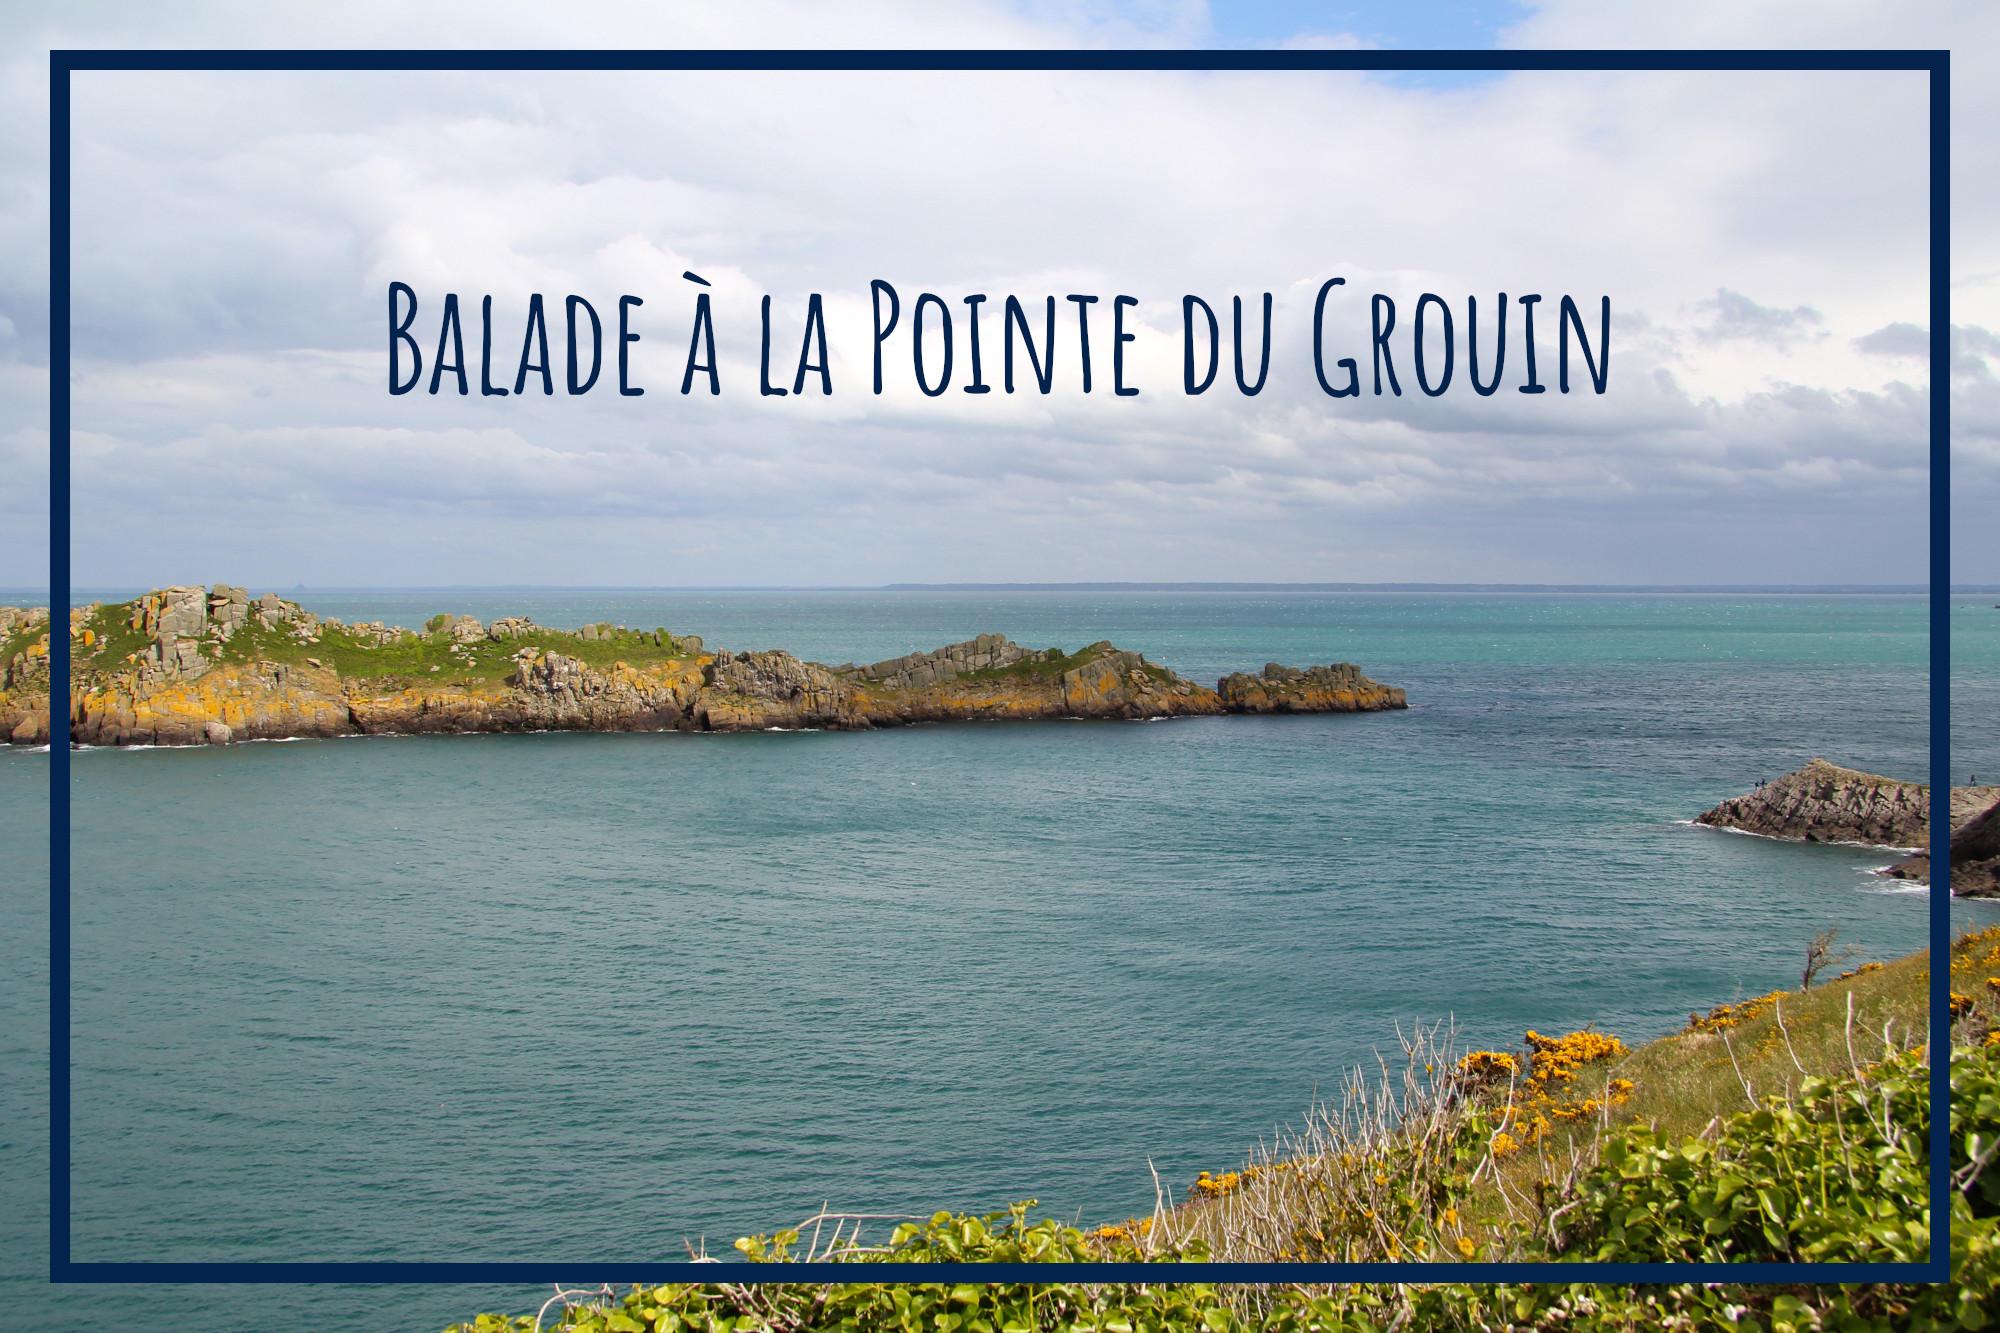 Balade à la Pointe du Grouin